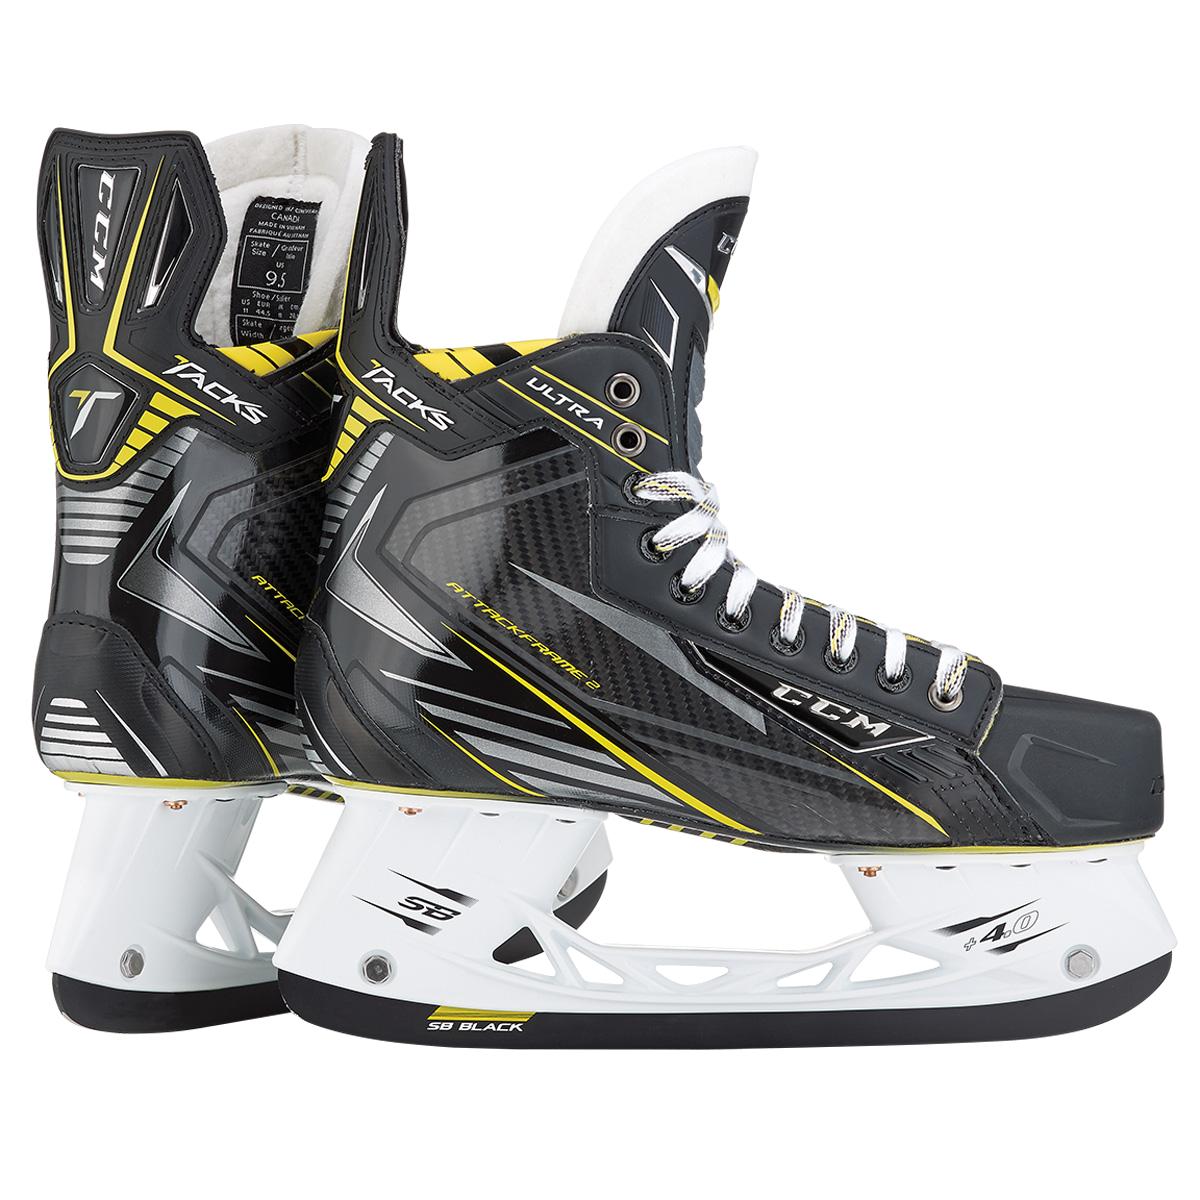 Ice Skates Png Image Ice Hockey Hockey Ice Skating